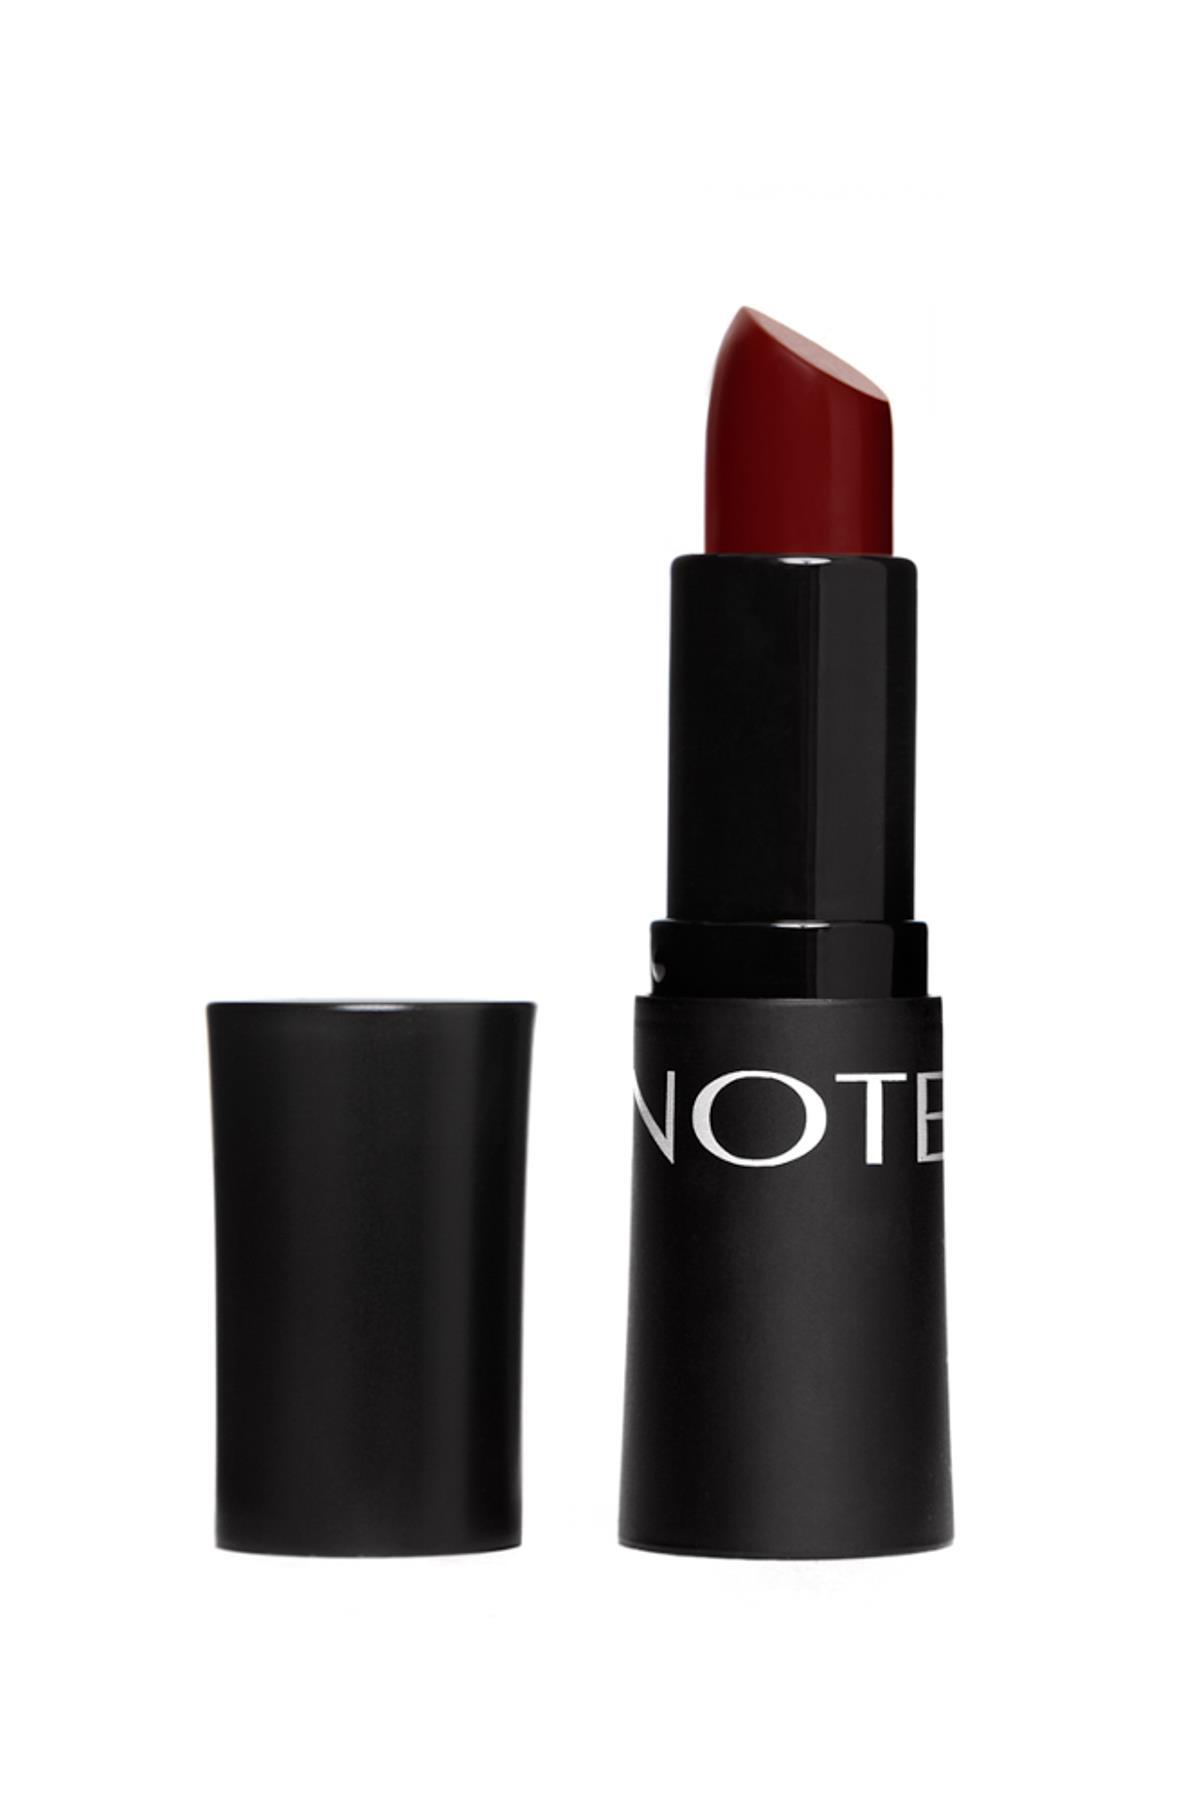 Note Mattemoist Lipstick 307 Dark Vine Ruj